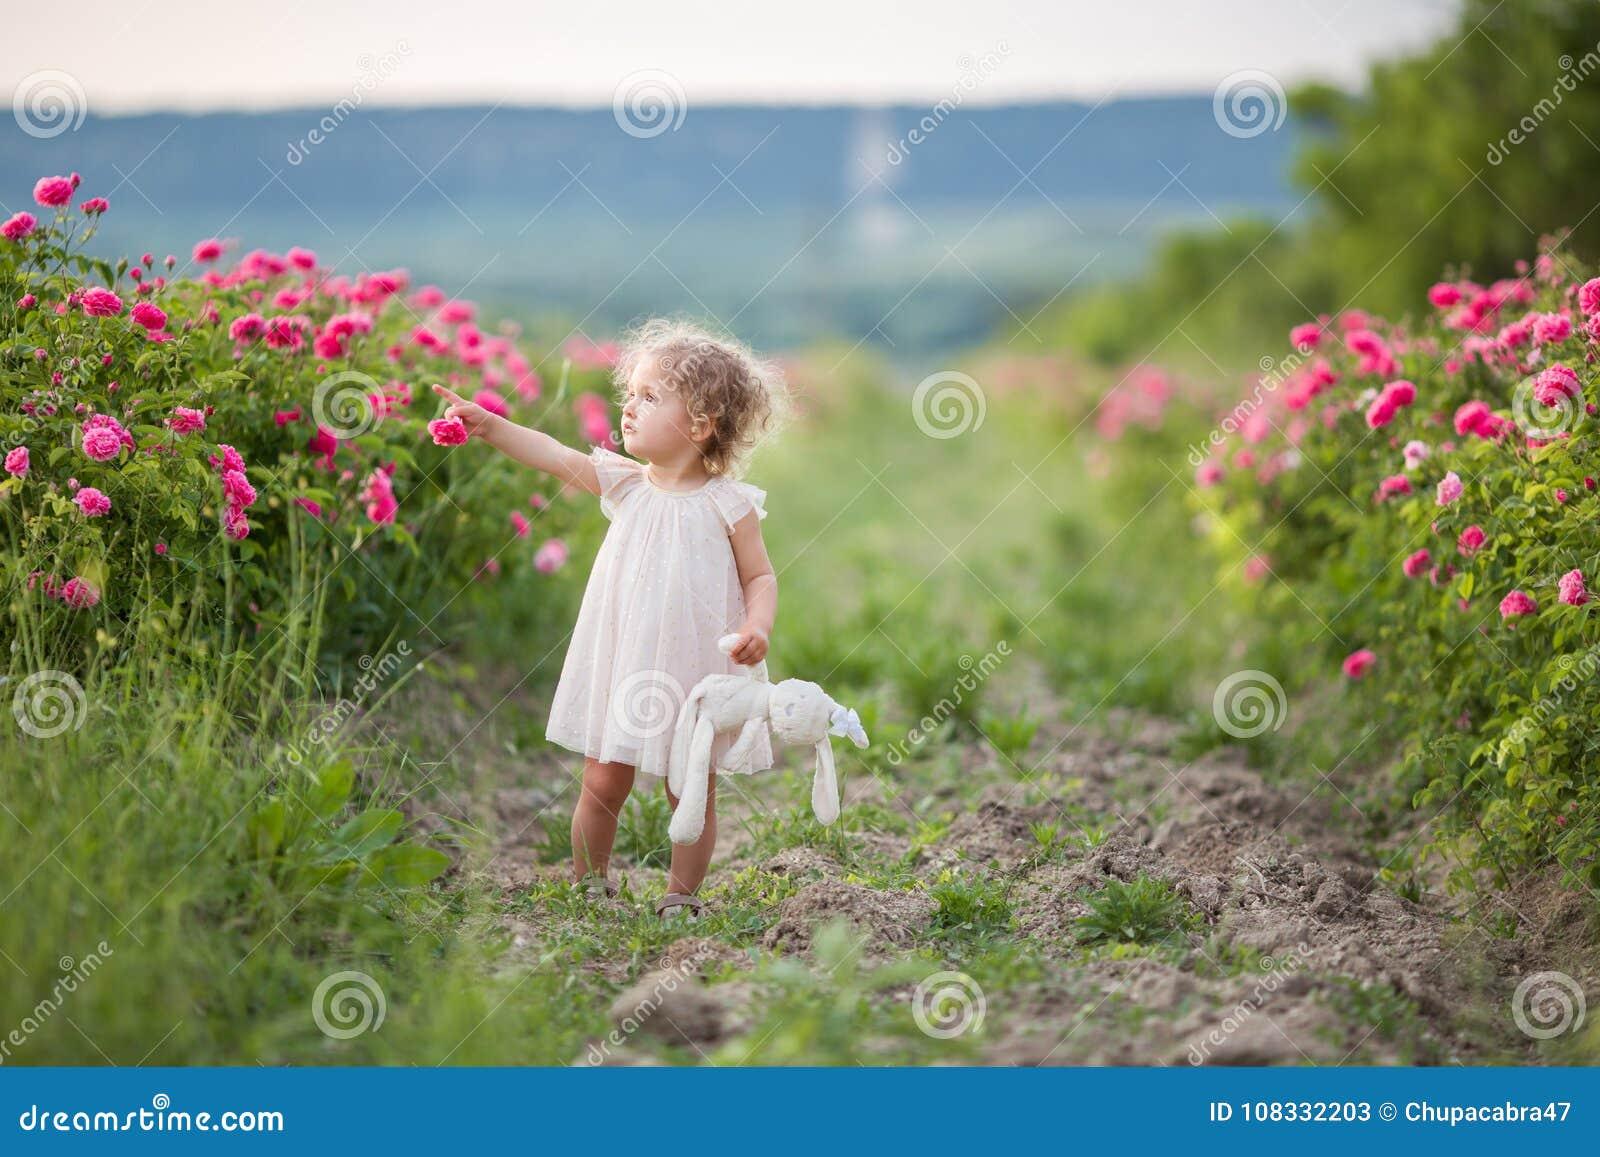 Giardino di rose rosaleda a madrid spagna foto immagine stock